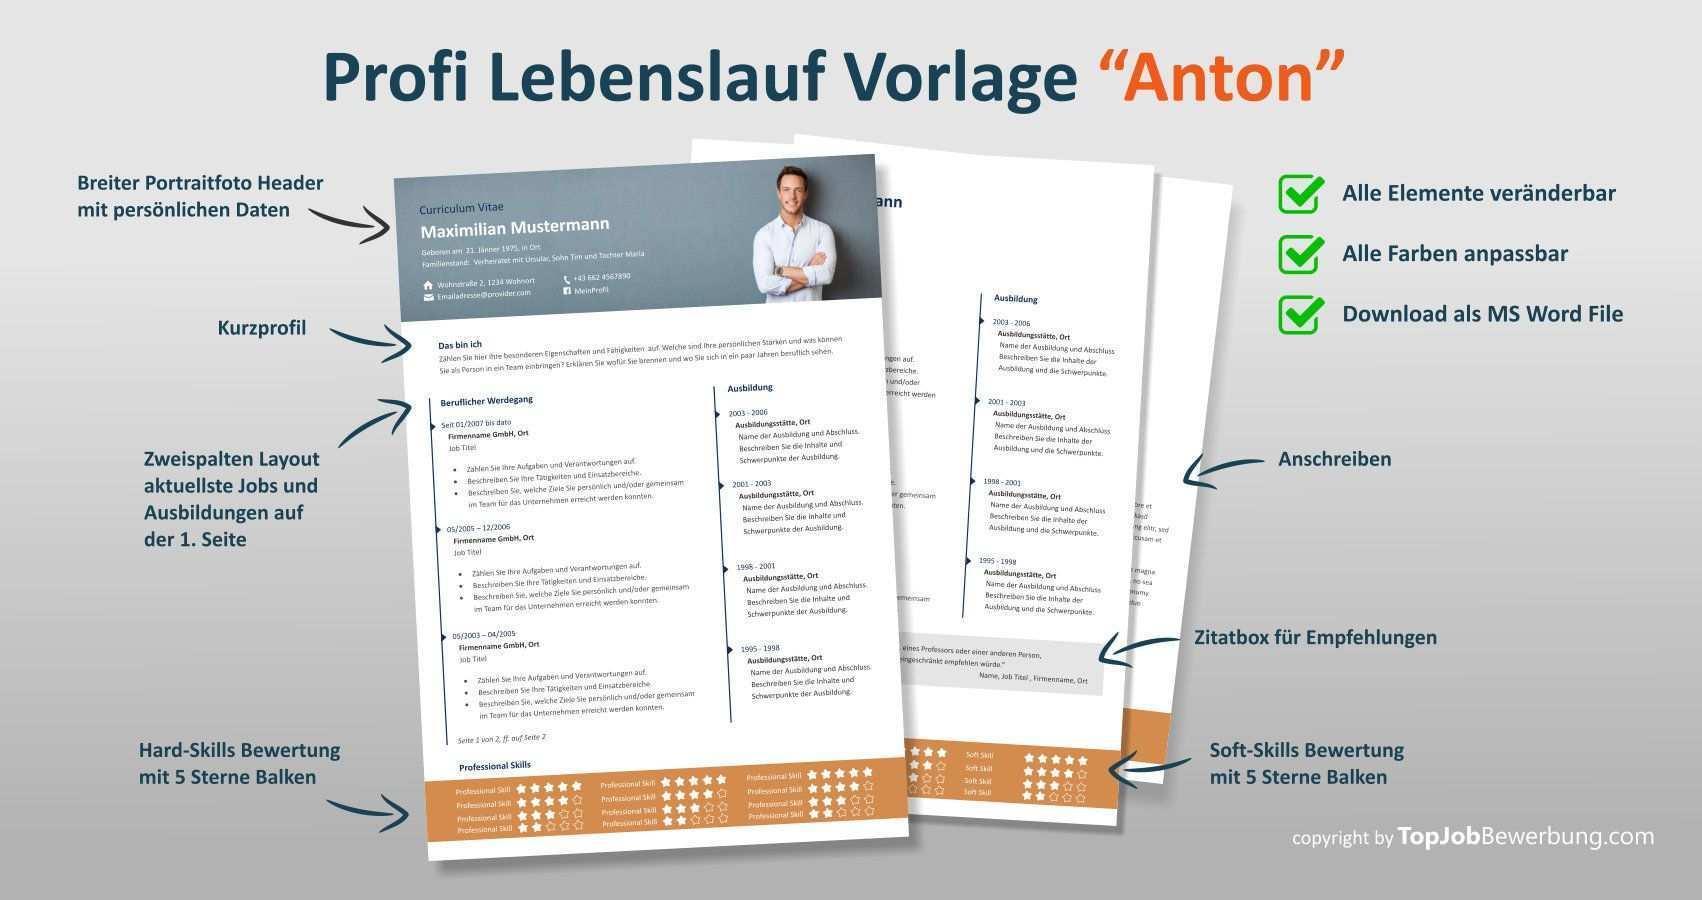 Lebenslauf Vorlage Anton Erste Und Zweite Seite Plus Anschreiben Alle Im Ms Word Format Zum Downloaden Lebenslauf Vorlagen Lebenslauf Vorlagen